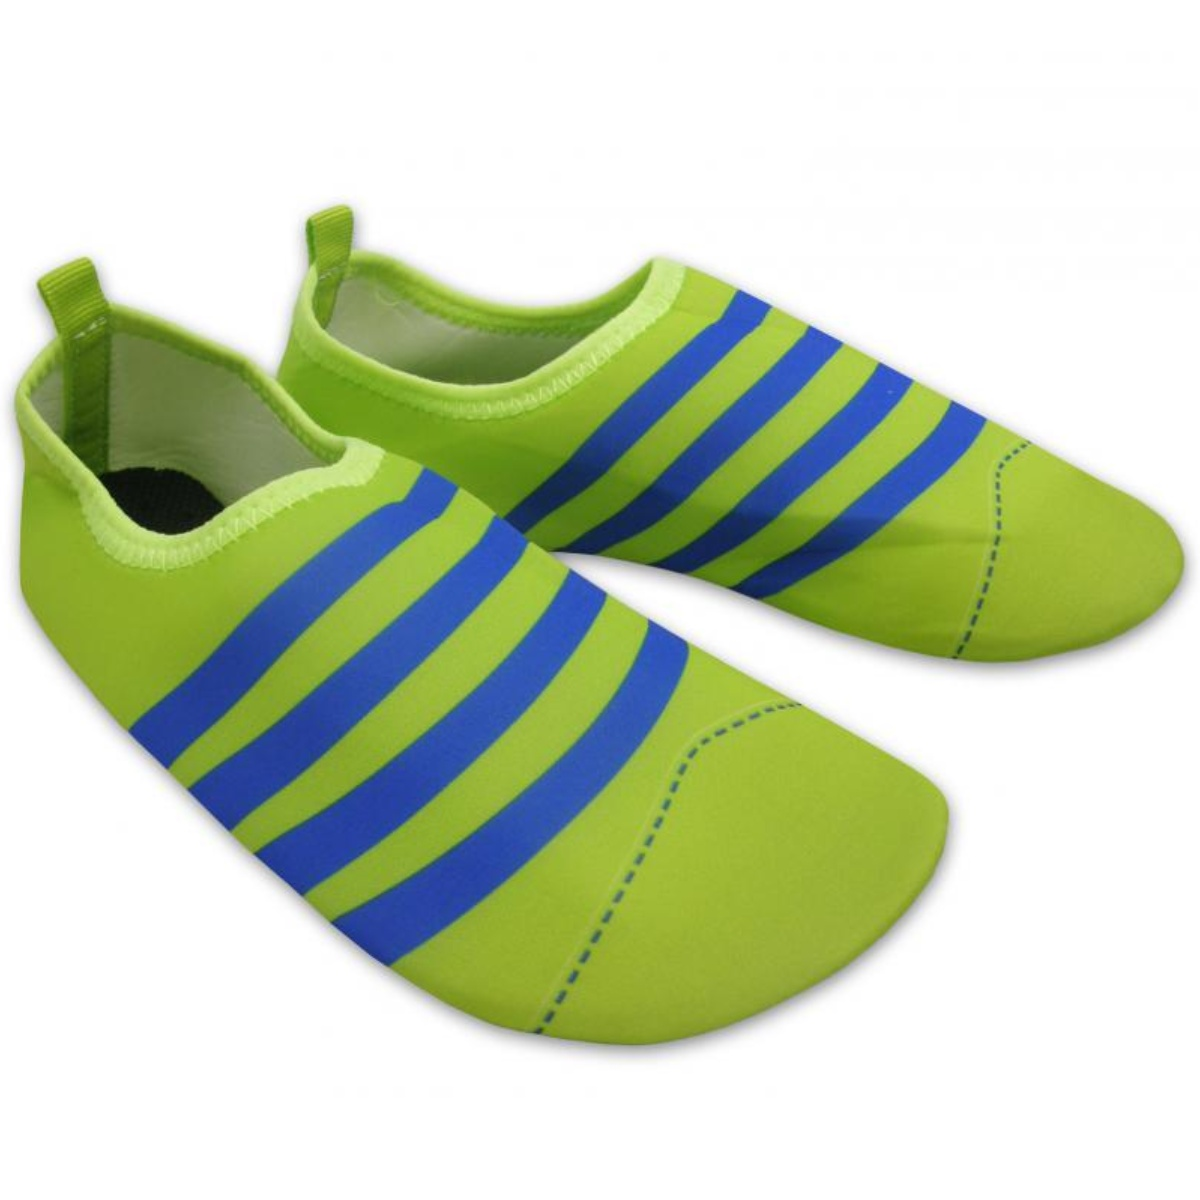 Topánky do vody SEDCO Strips zelené - veľ. 43-44